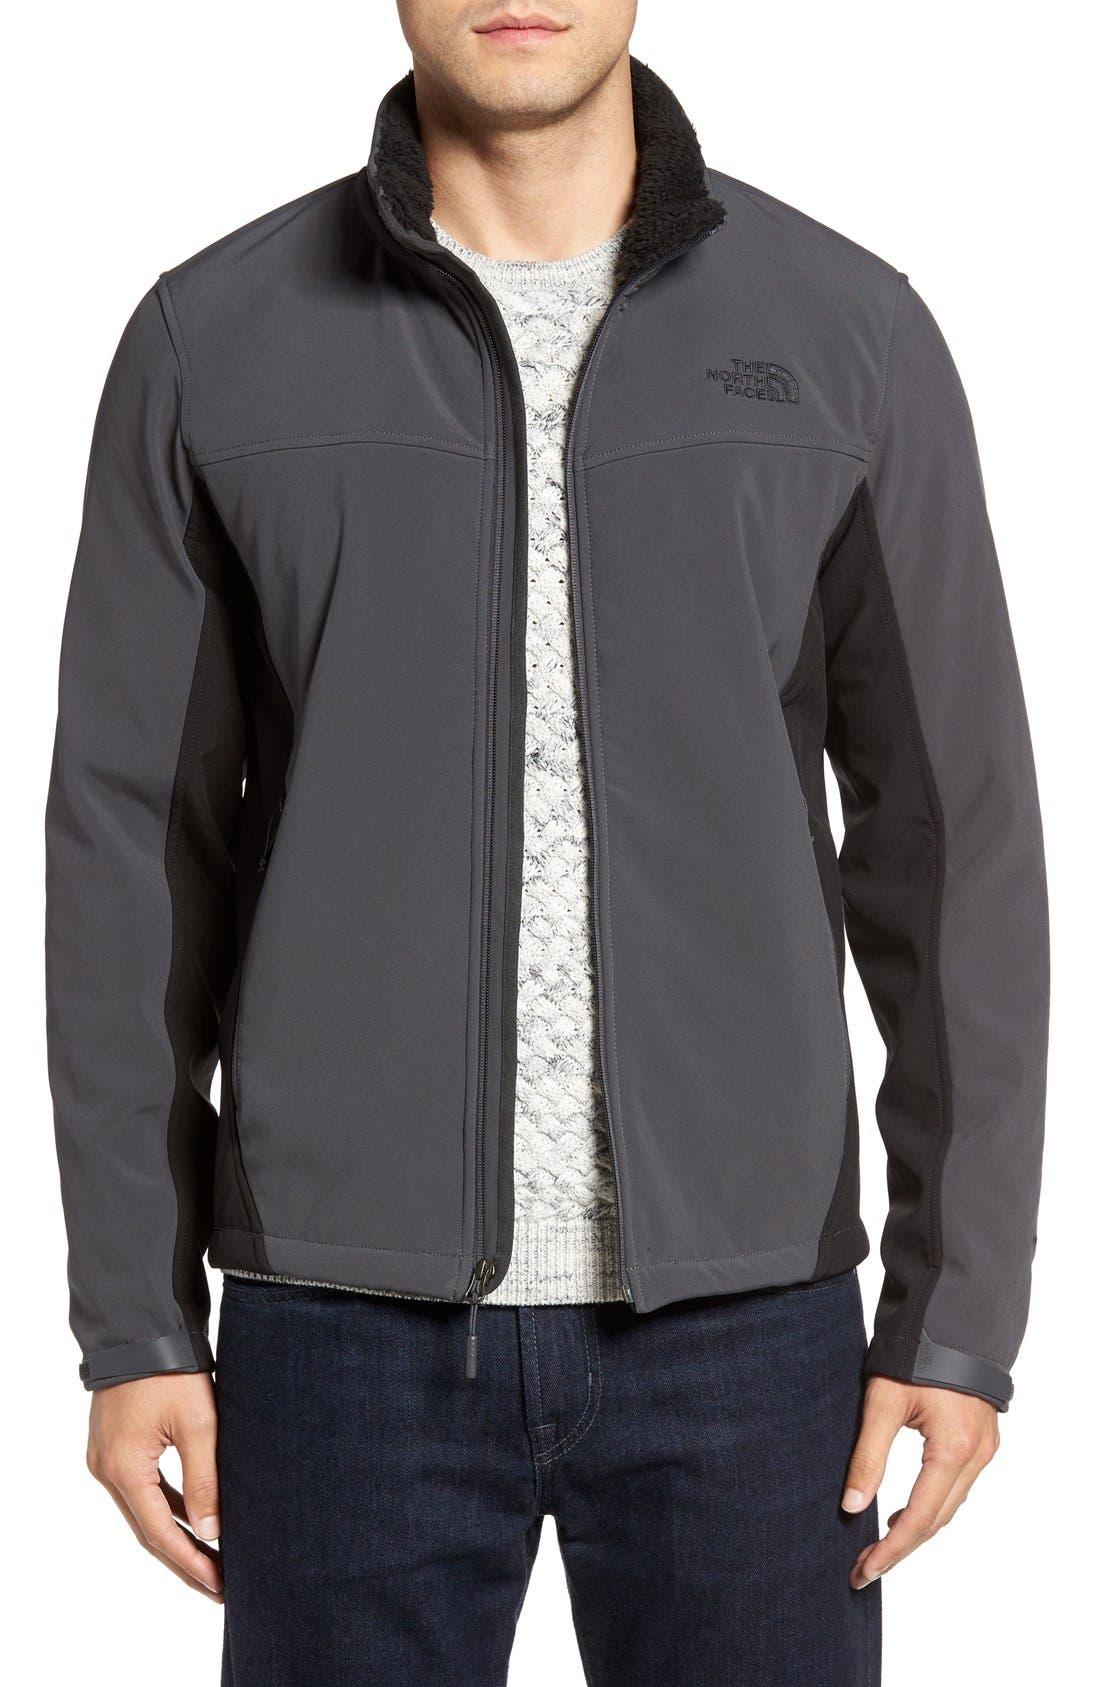 'Apex Chromium' Waterproof Thermal Jacket,                         Main,                         color, Asphalt Grey/ Tnf Black